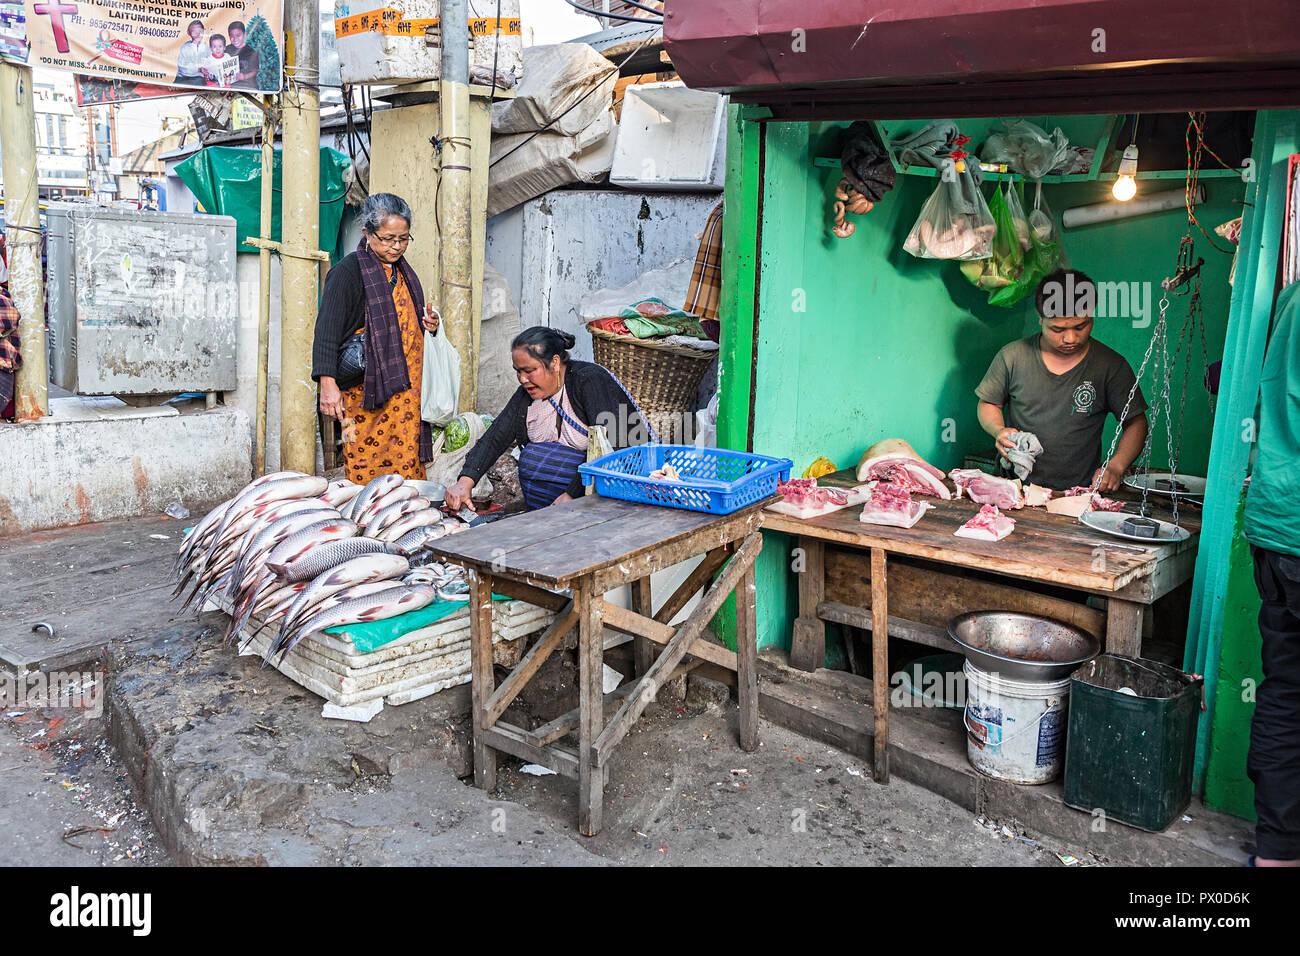 Negozio di vendita wet pesce e carne, Shillong, Meghalaya, India Immagini Stock